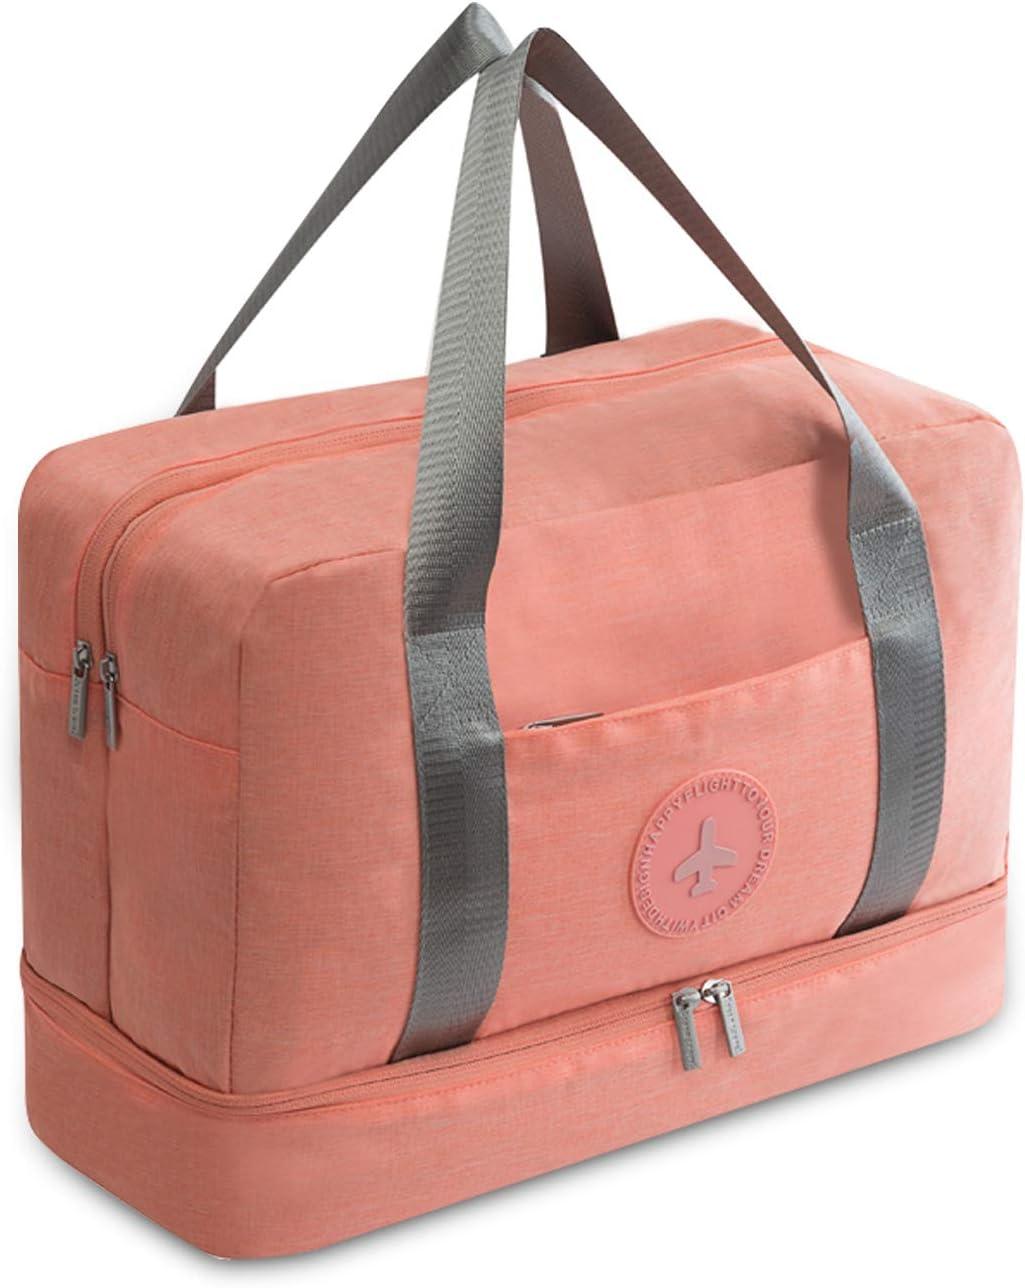 FANDARE Sac de Voyage Sac de Sport Travel Duffel Bag Sac Sport Gym avec Compartiment Chaussures Hommes//Femmes Sac /à Main de Plage Orange